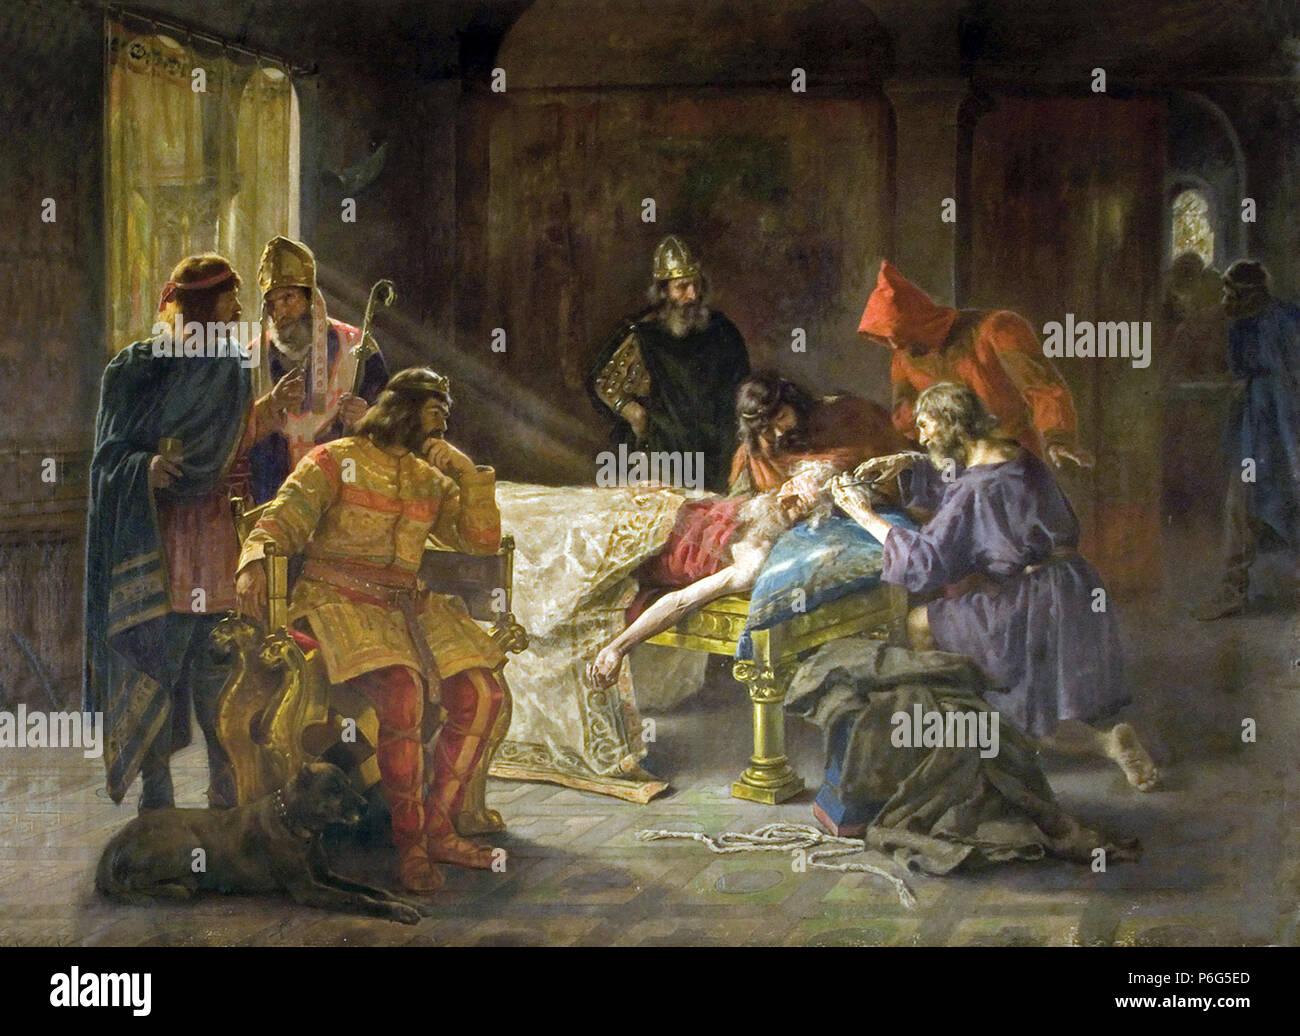 . Català: La tonsura del rei Wamba . Català: La tonsura del rei Wamba . (1894 c.) 66 La tonsura del rei Wamba - Joan Brull ho Vinyoles (1863-1912) Foto Stock